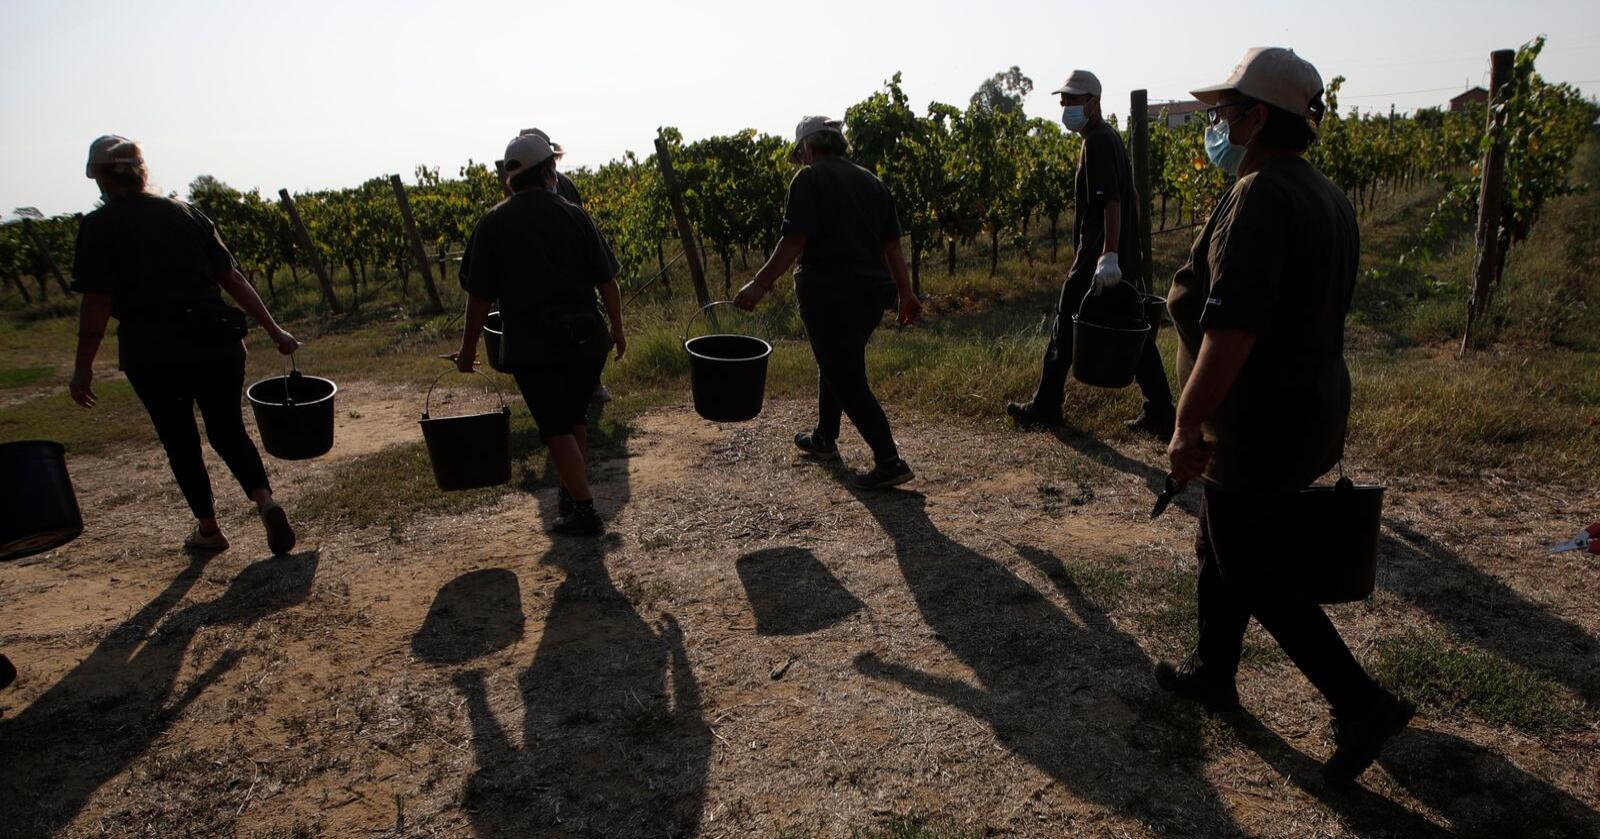 400.000 landbruksarbeidere i Italia står ifølge FN i fare for å bli utnyttet. Over 100.000 antas å være utsatt for umenneskelige forhold. Disse arbeiderne plukker vindruer i Latina-provinsen. Foto: AP / NTB